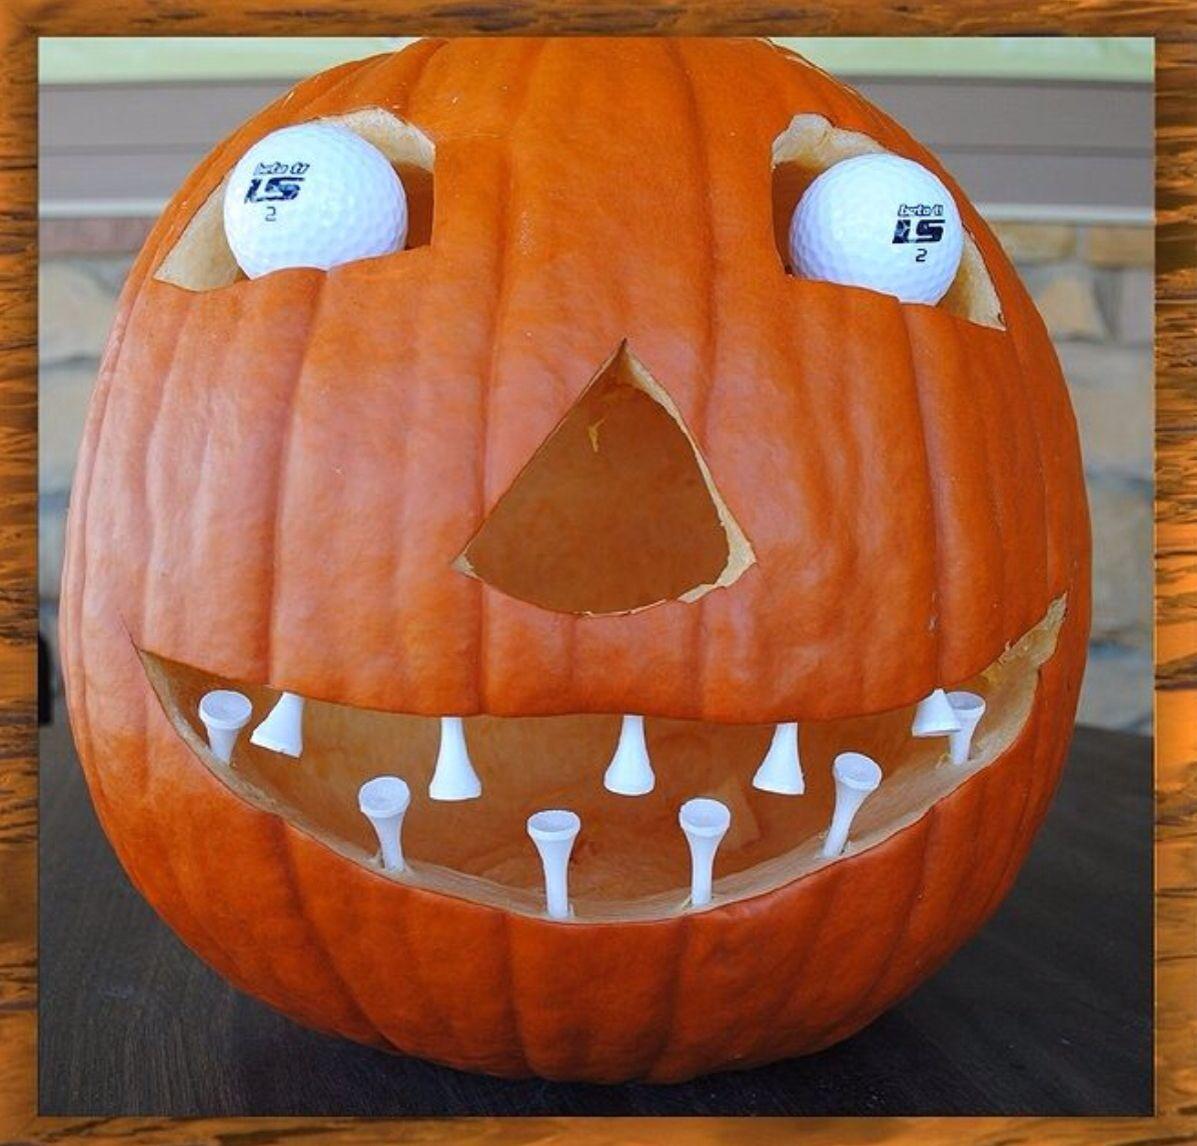 Uncategorized Pumpkin Golf golf pumpkin humor pinterest holidays and party pumpkin